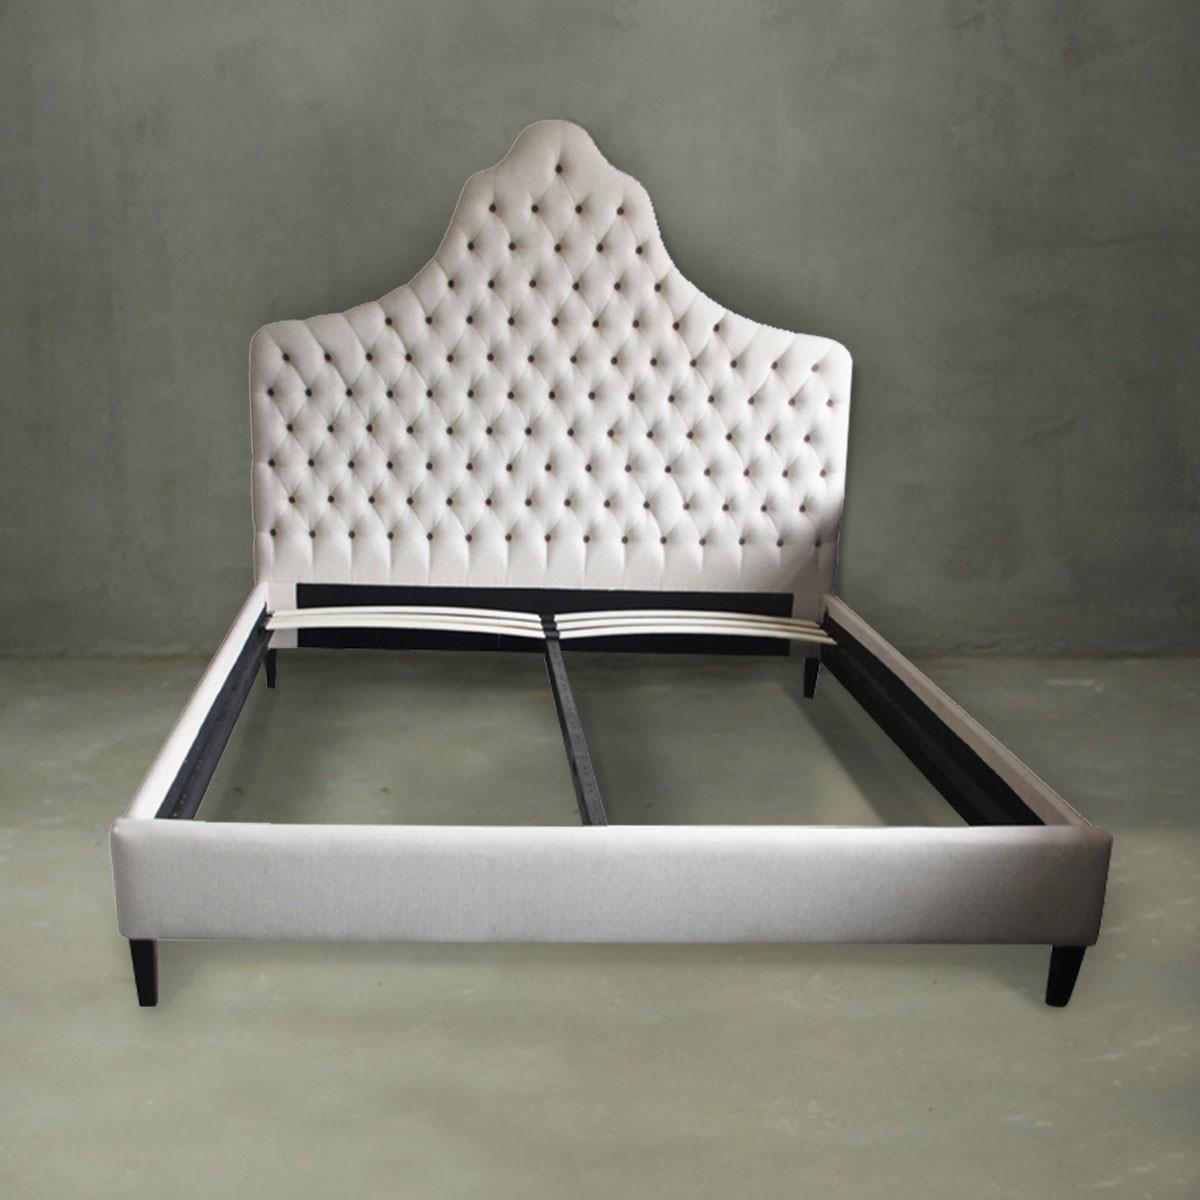 King Platform Bed with Tufted Upholstered Headboard (PJB00115)